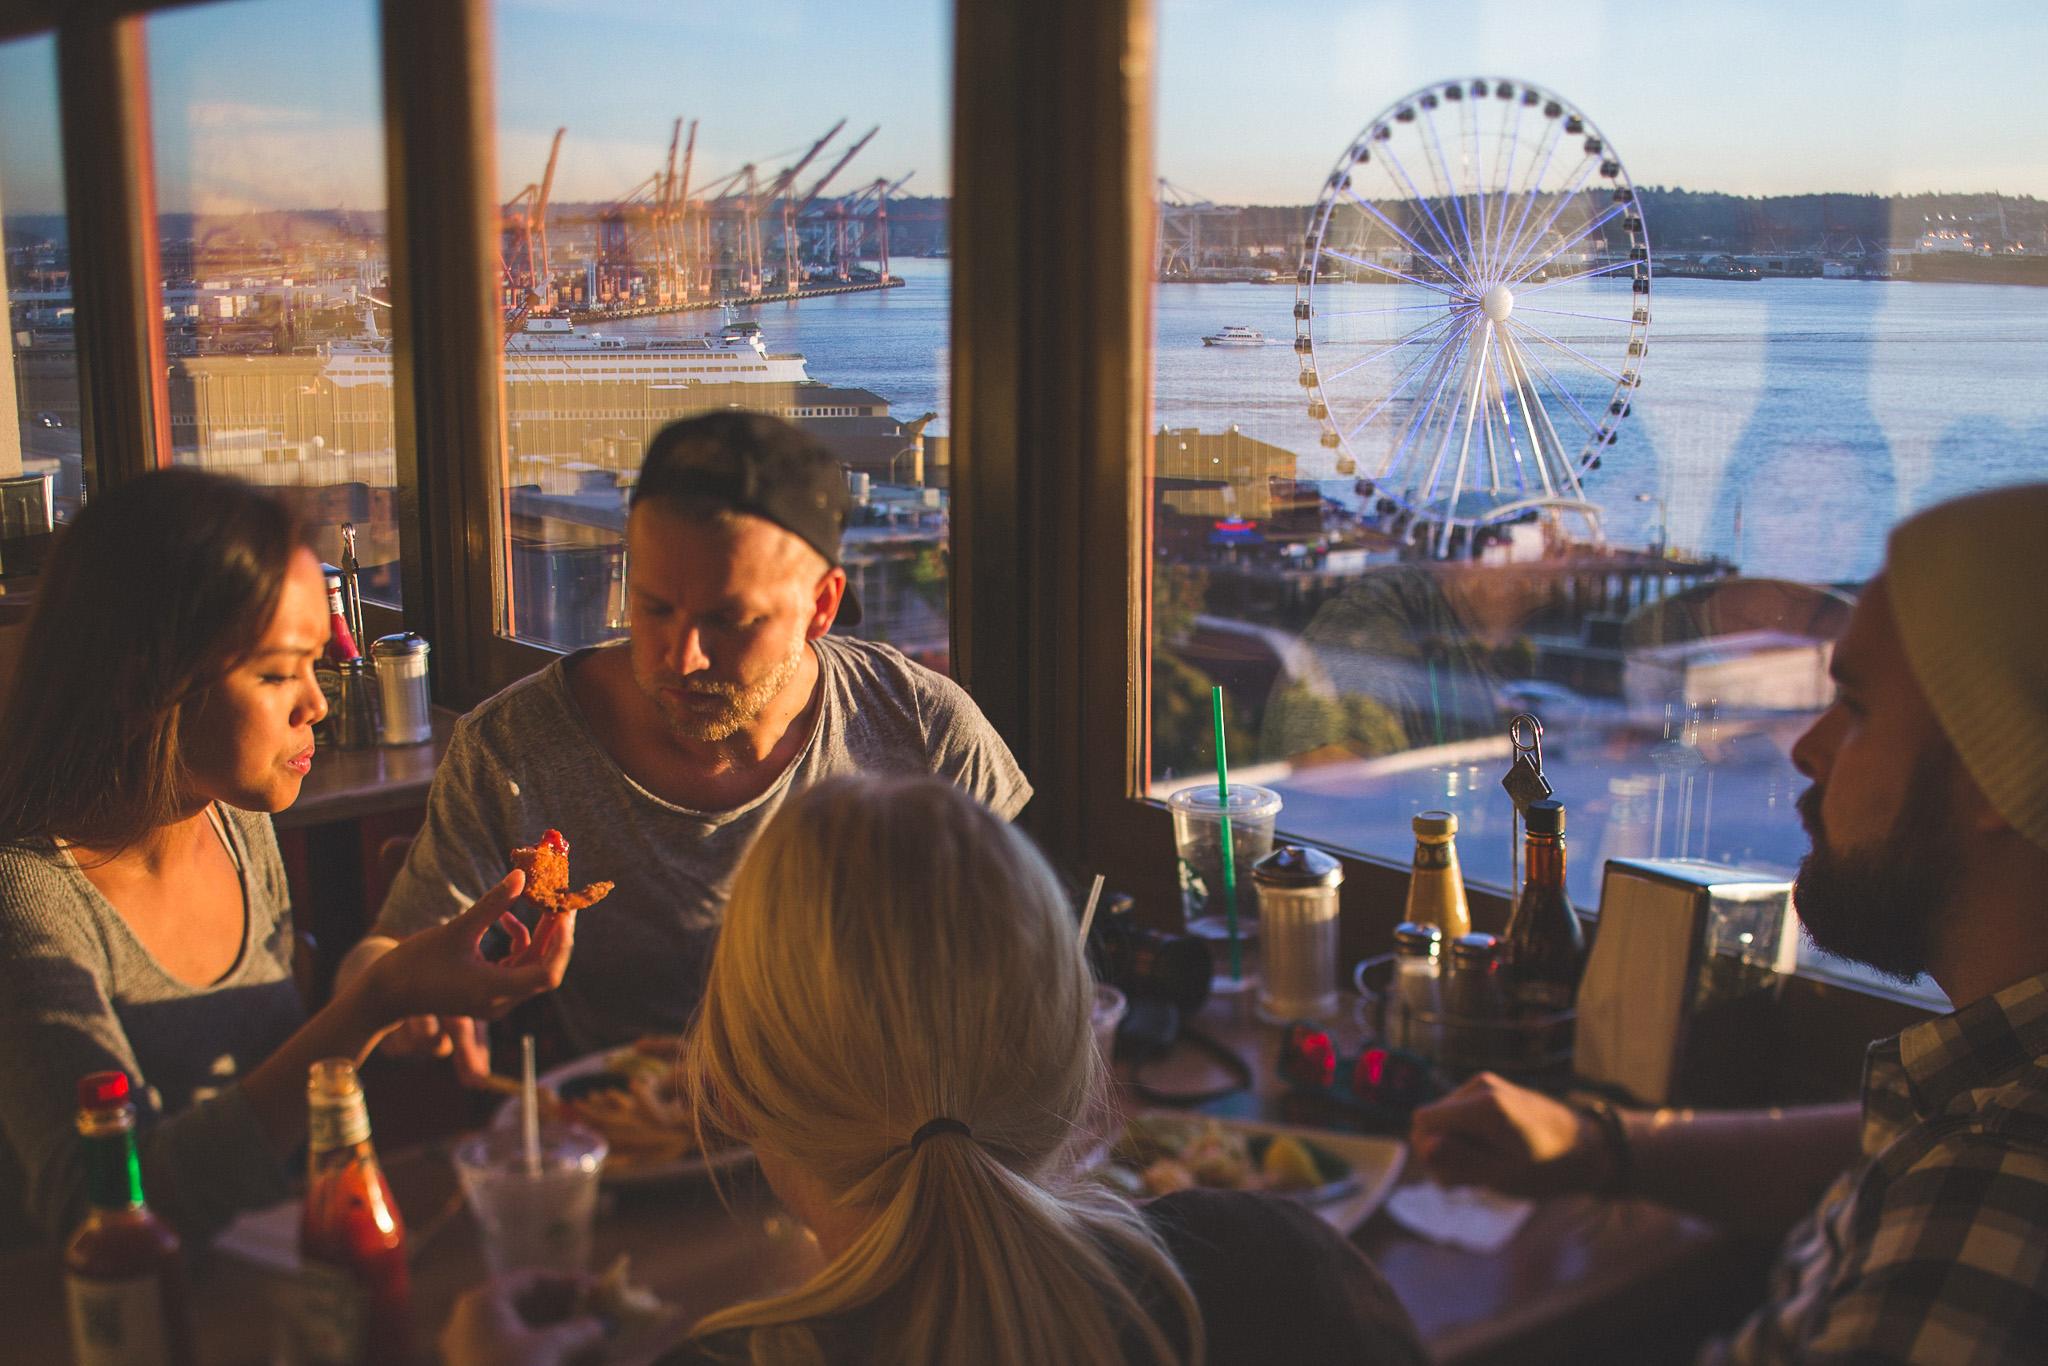 Lowell's-Market-Seattle-Dinner